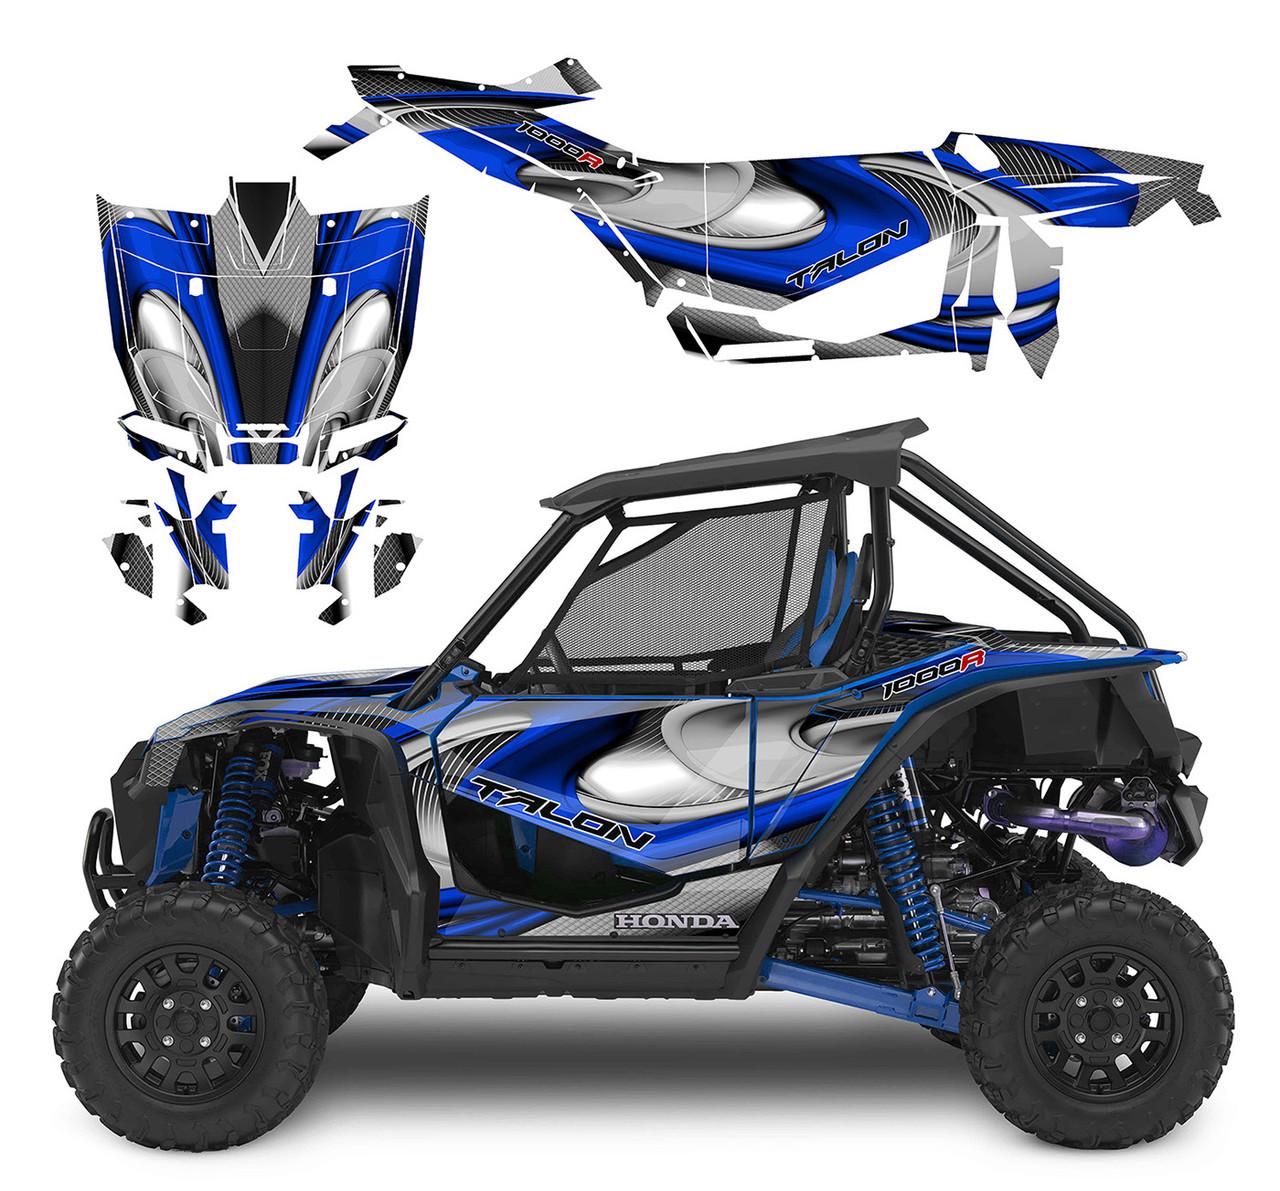 Blue Honda Talon custom graphics kit